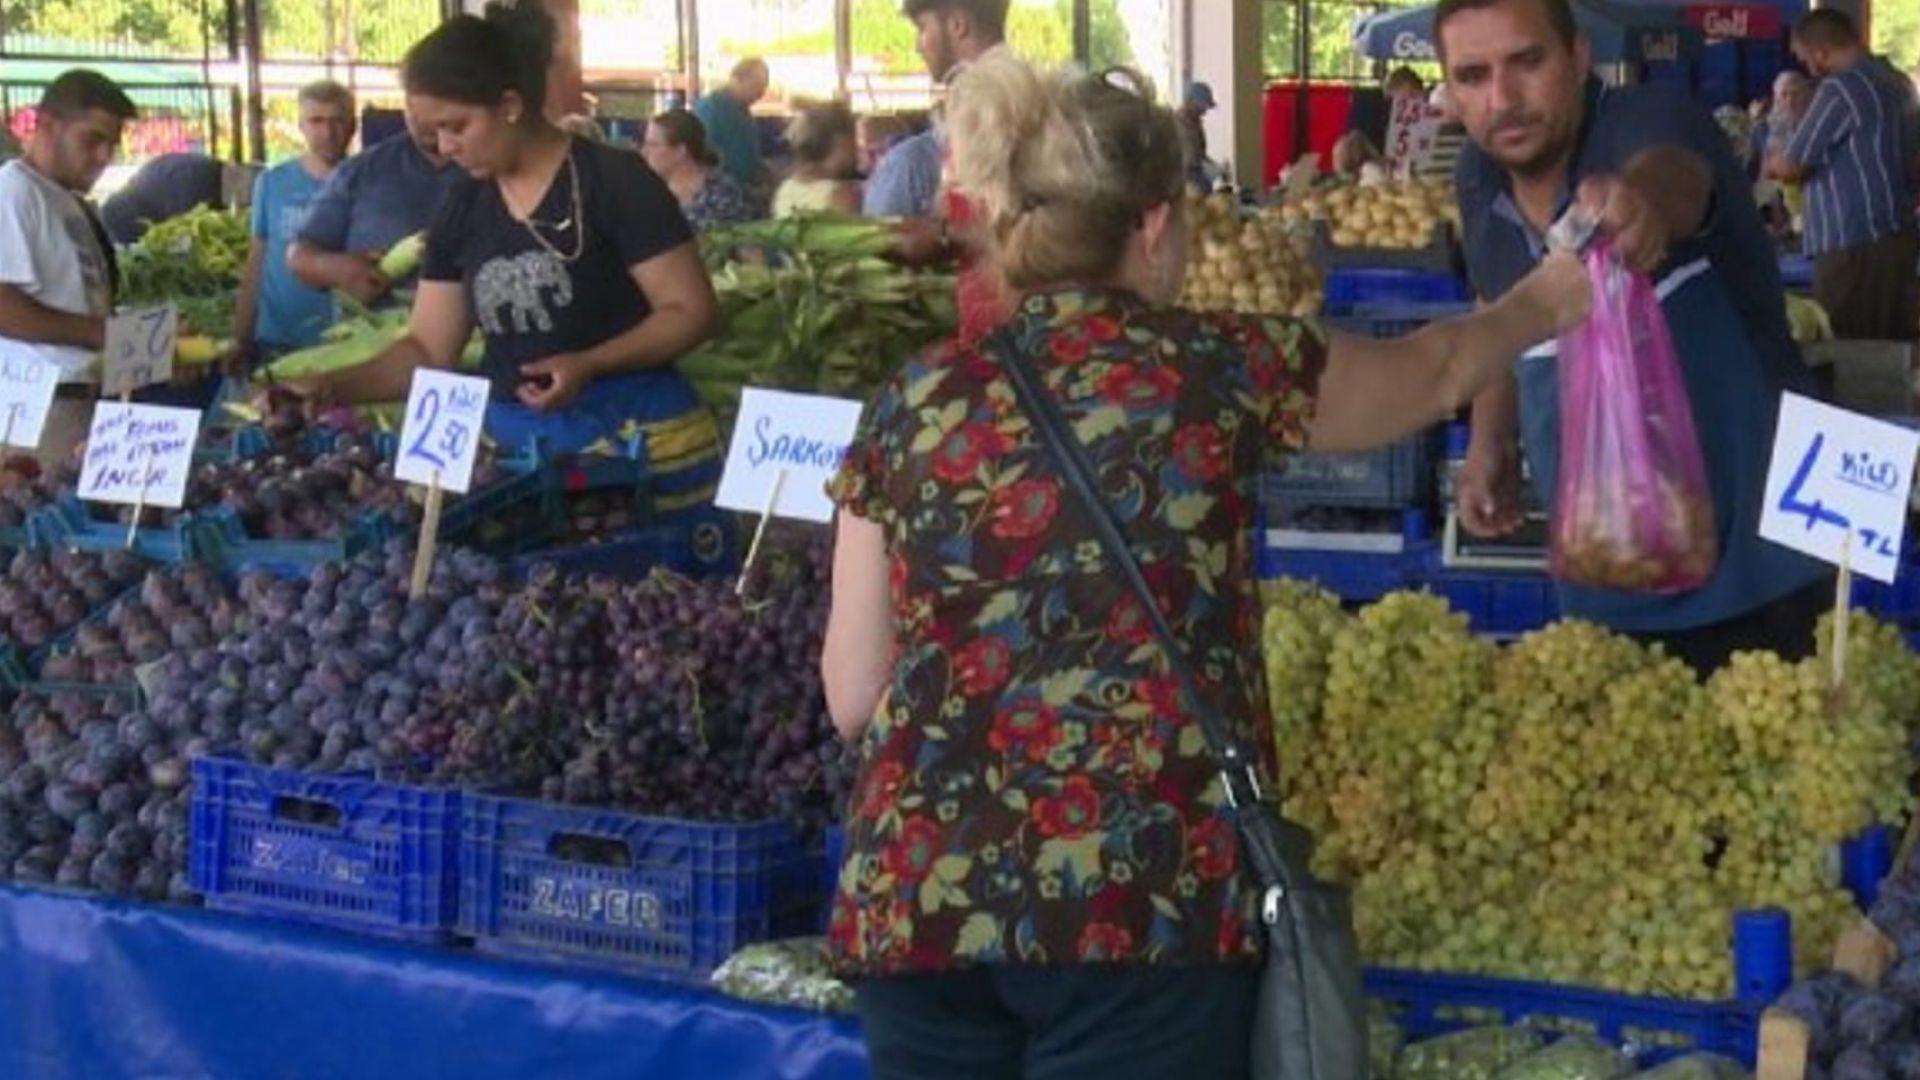 Юруш на евтинията: Българи превзеха Одрин, пазаруват всичко